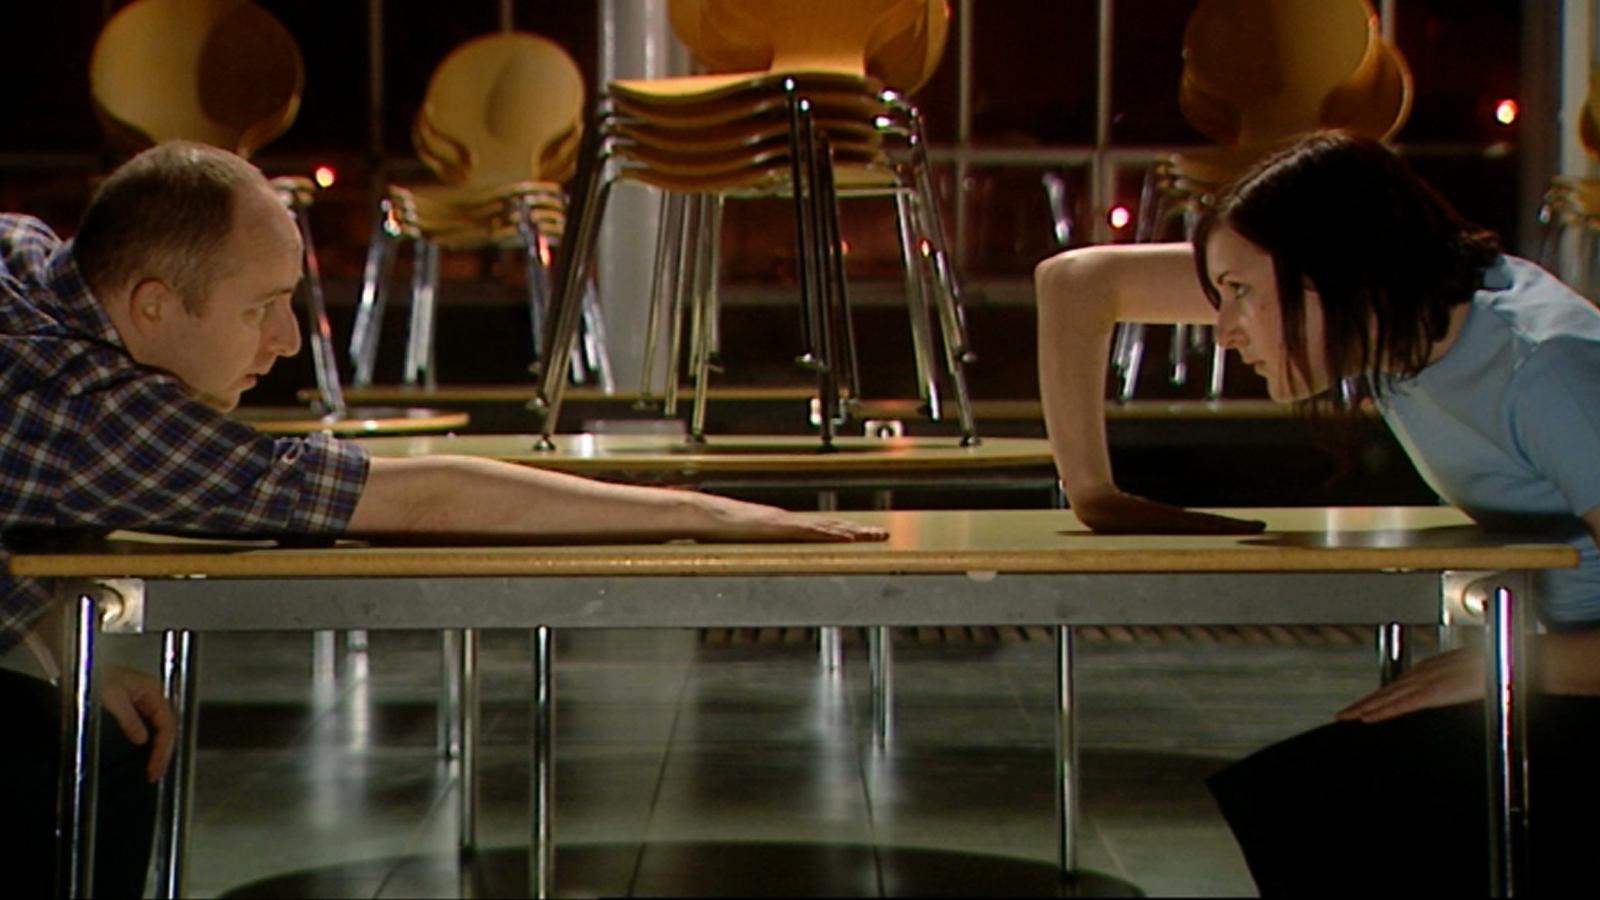 2 shot table.jpeg